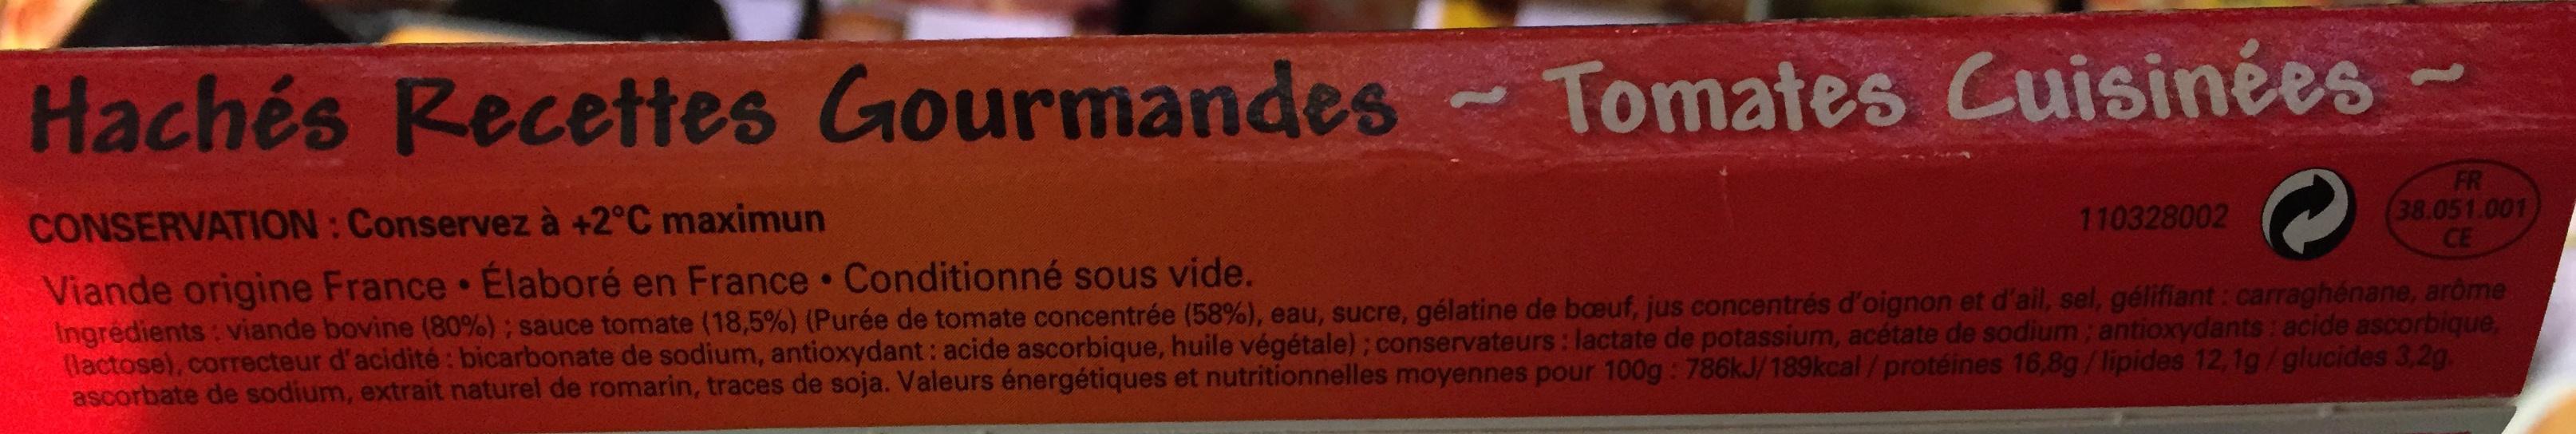 Hachés recettes gourmandes Tomates cuisinées - Nutrition facts